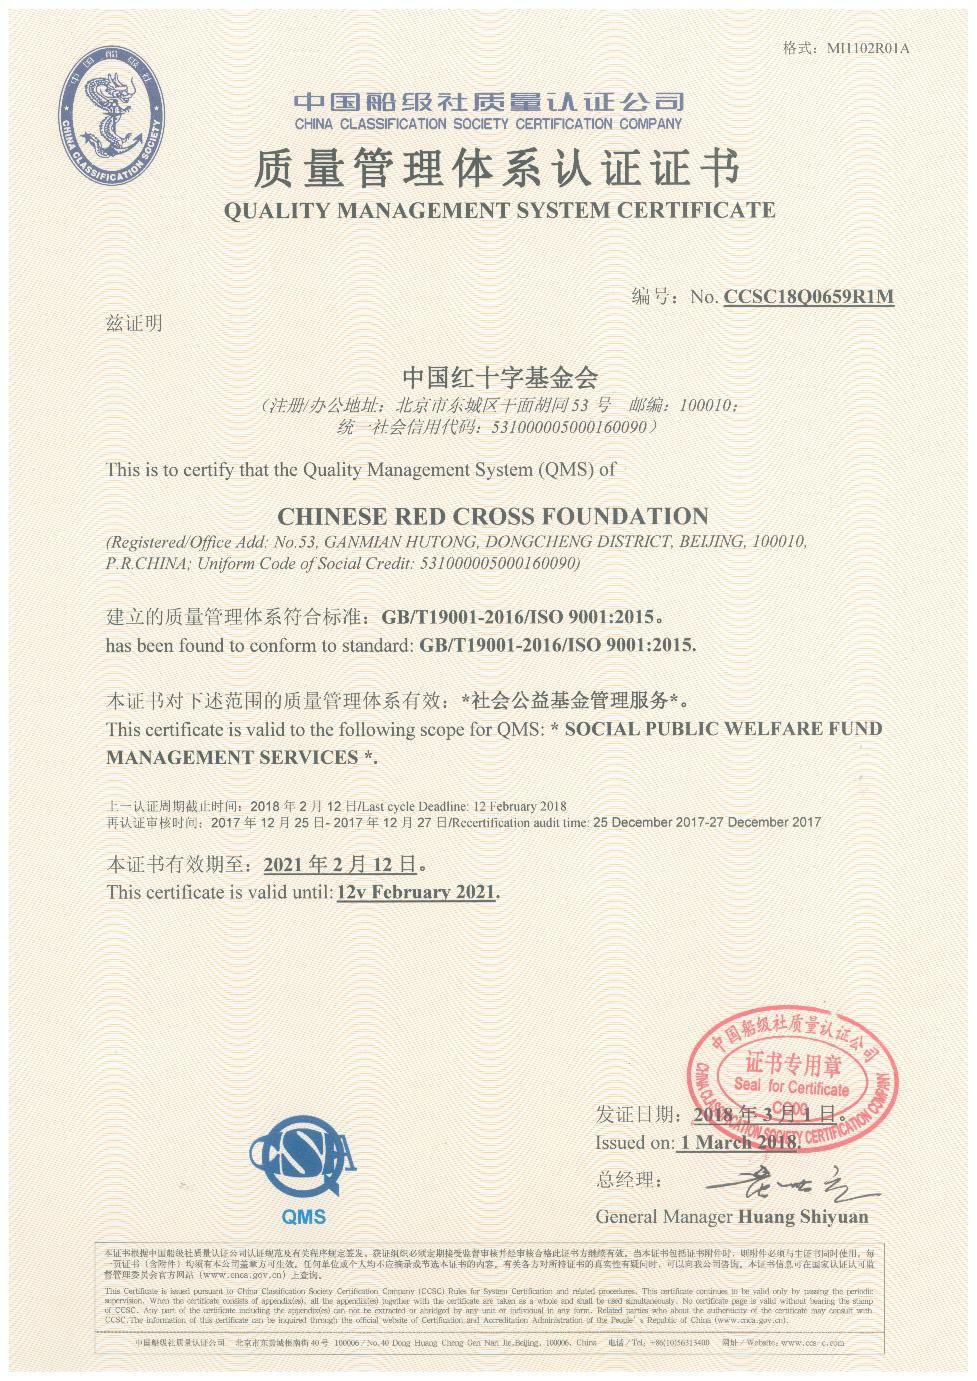 中国红基会再次通过ISO9001质量体系认证